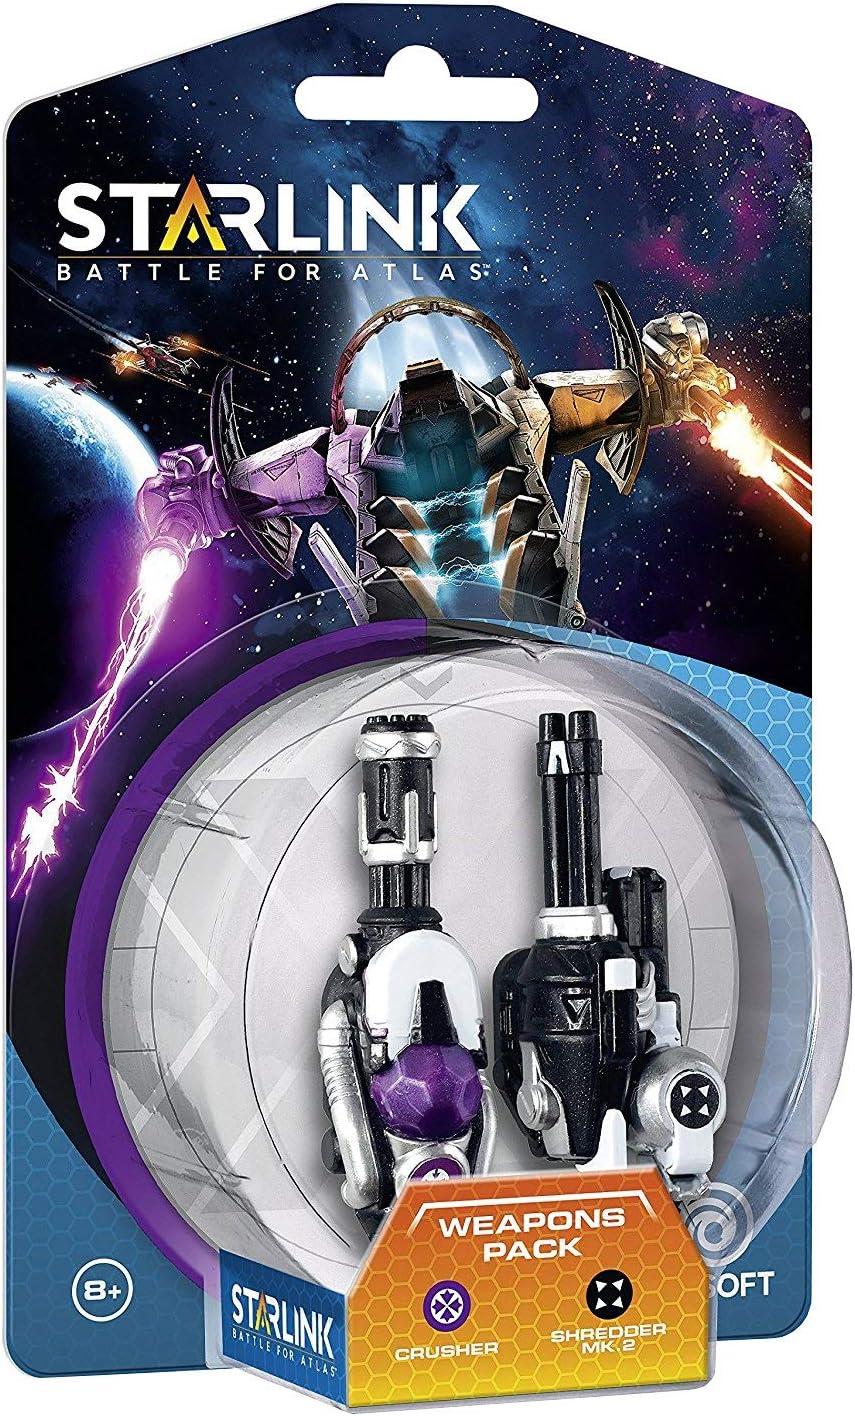 Starlink - Battle For Atlas, Pack De Armas Crusher + Shredder